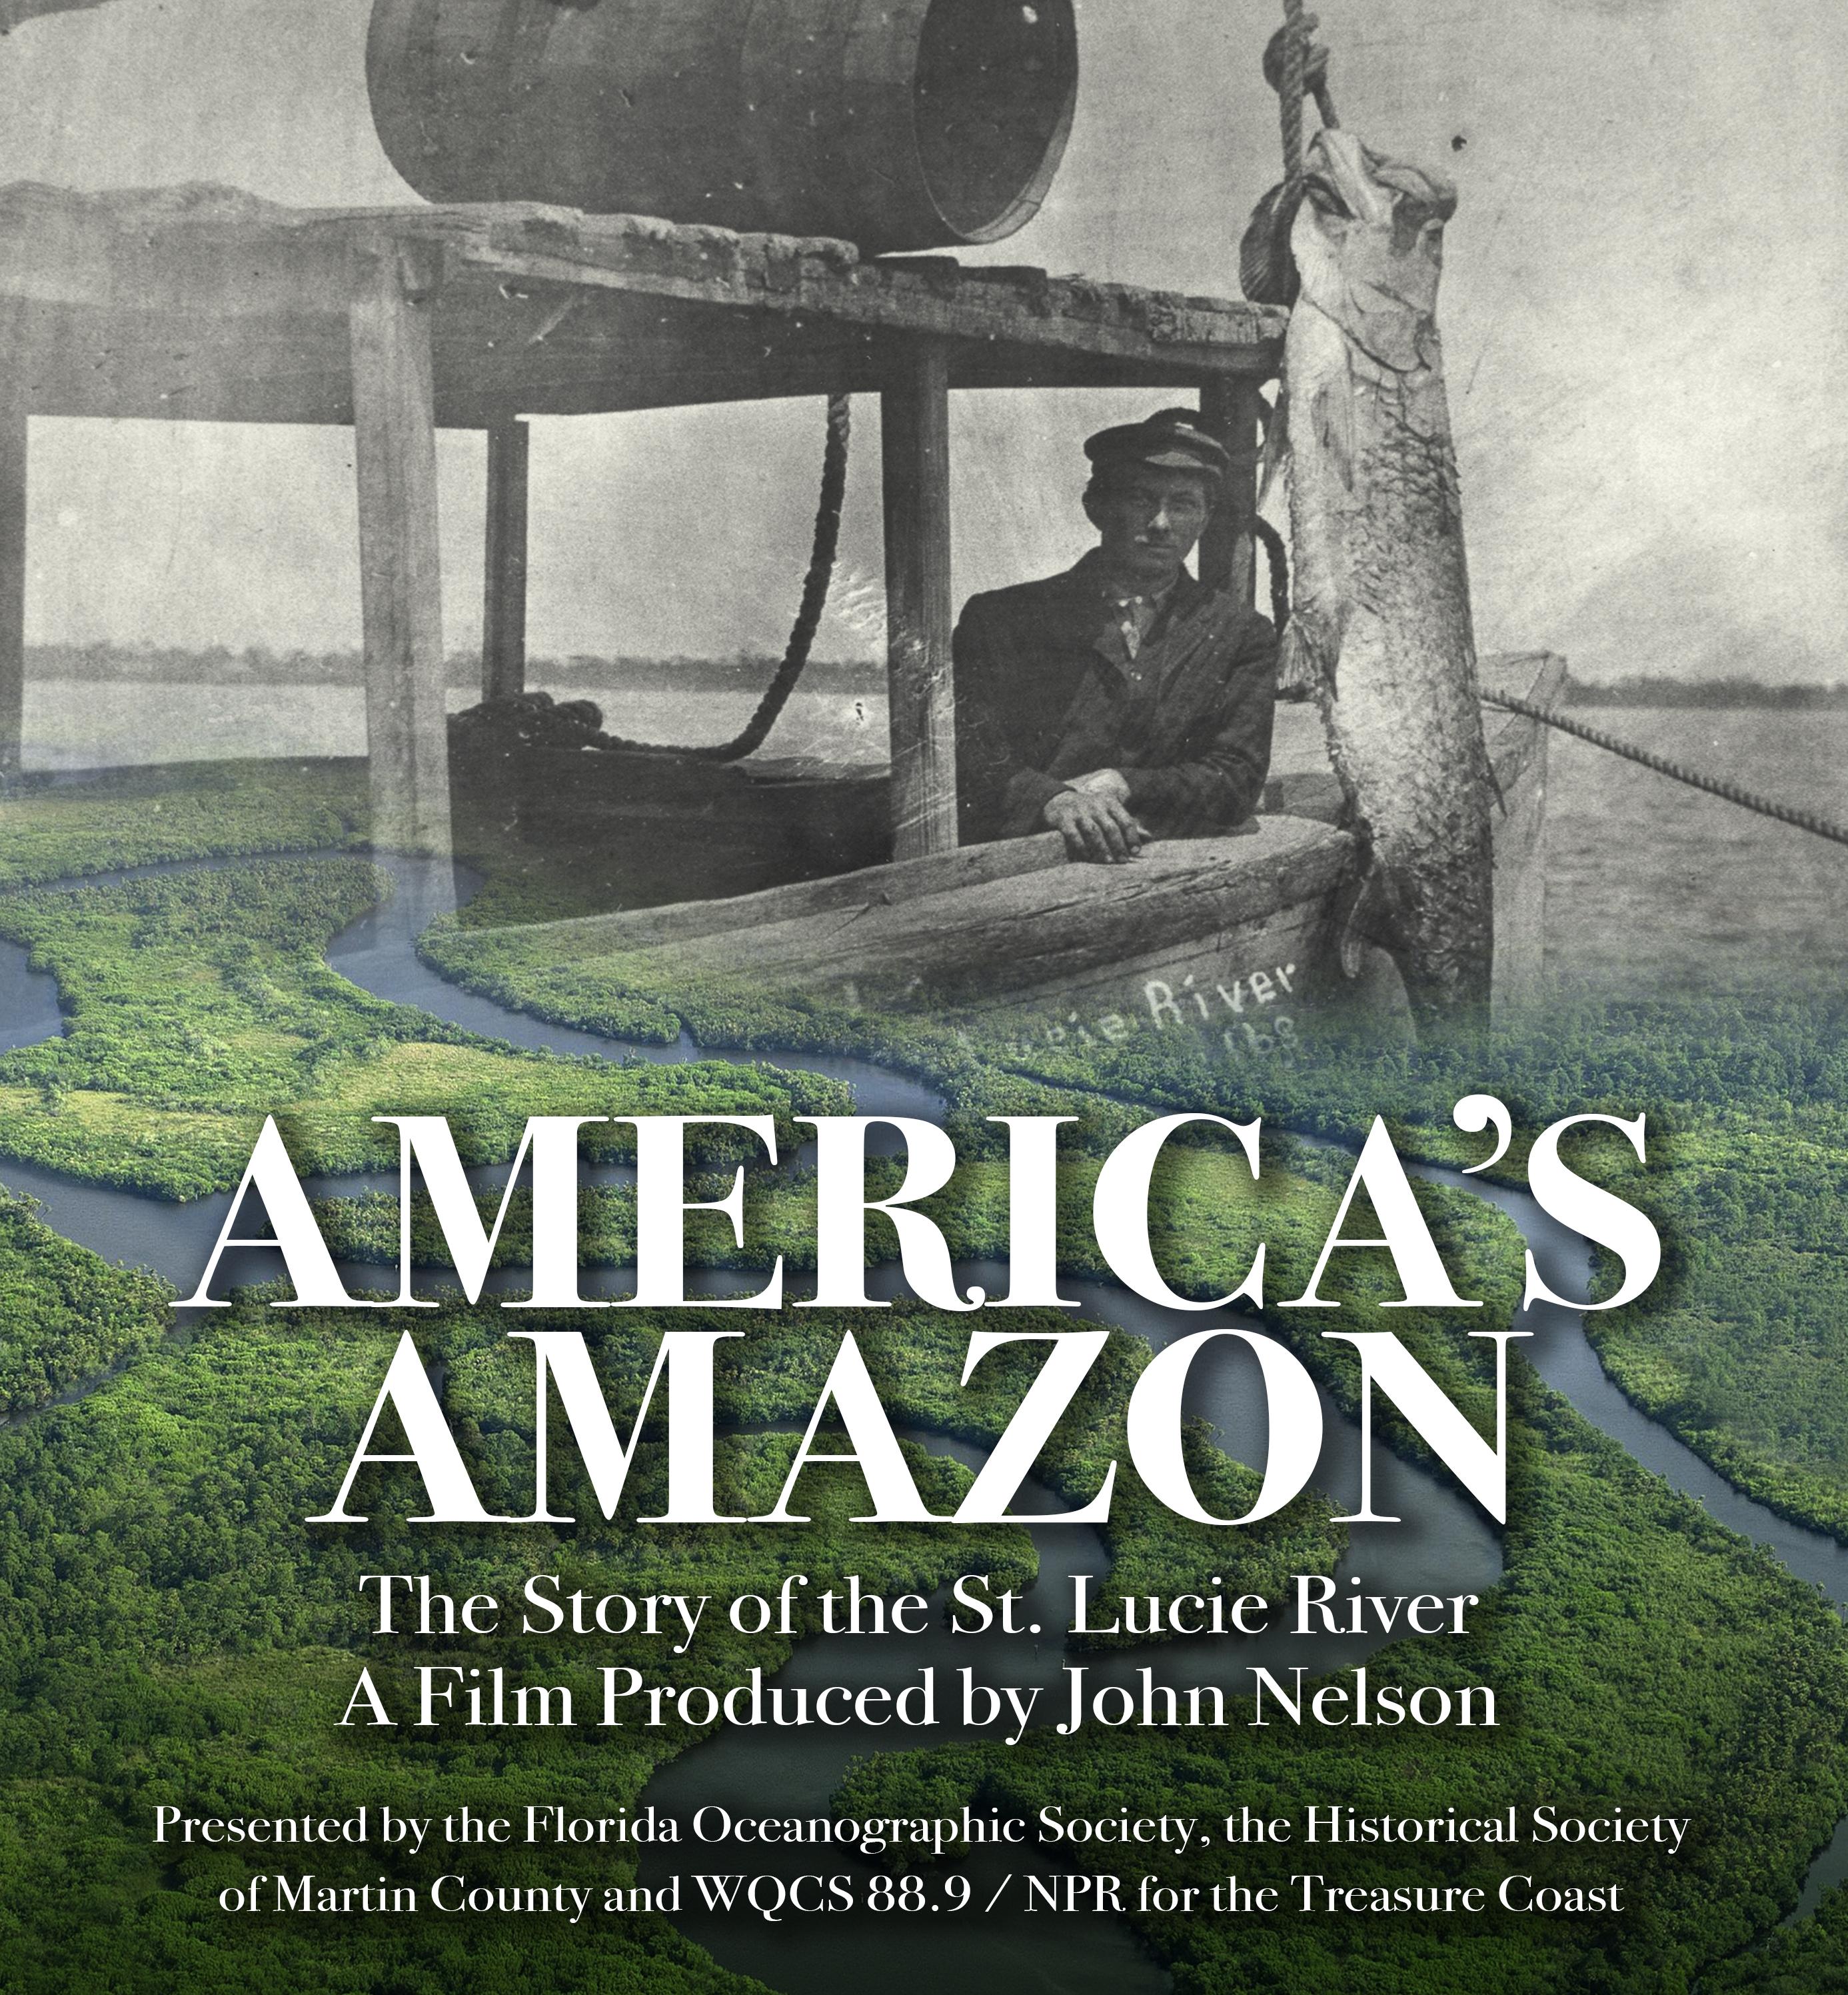 America's Amazon